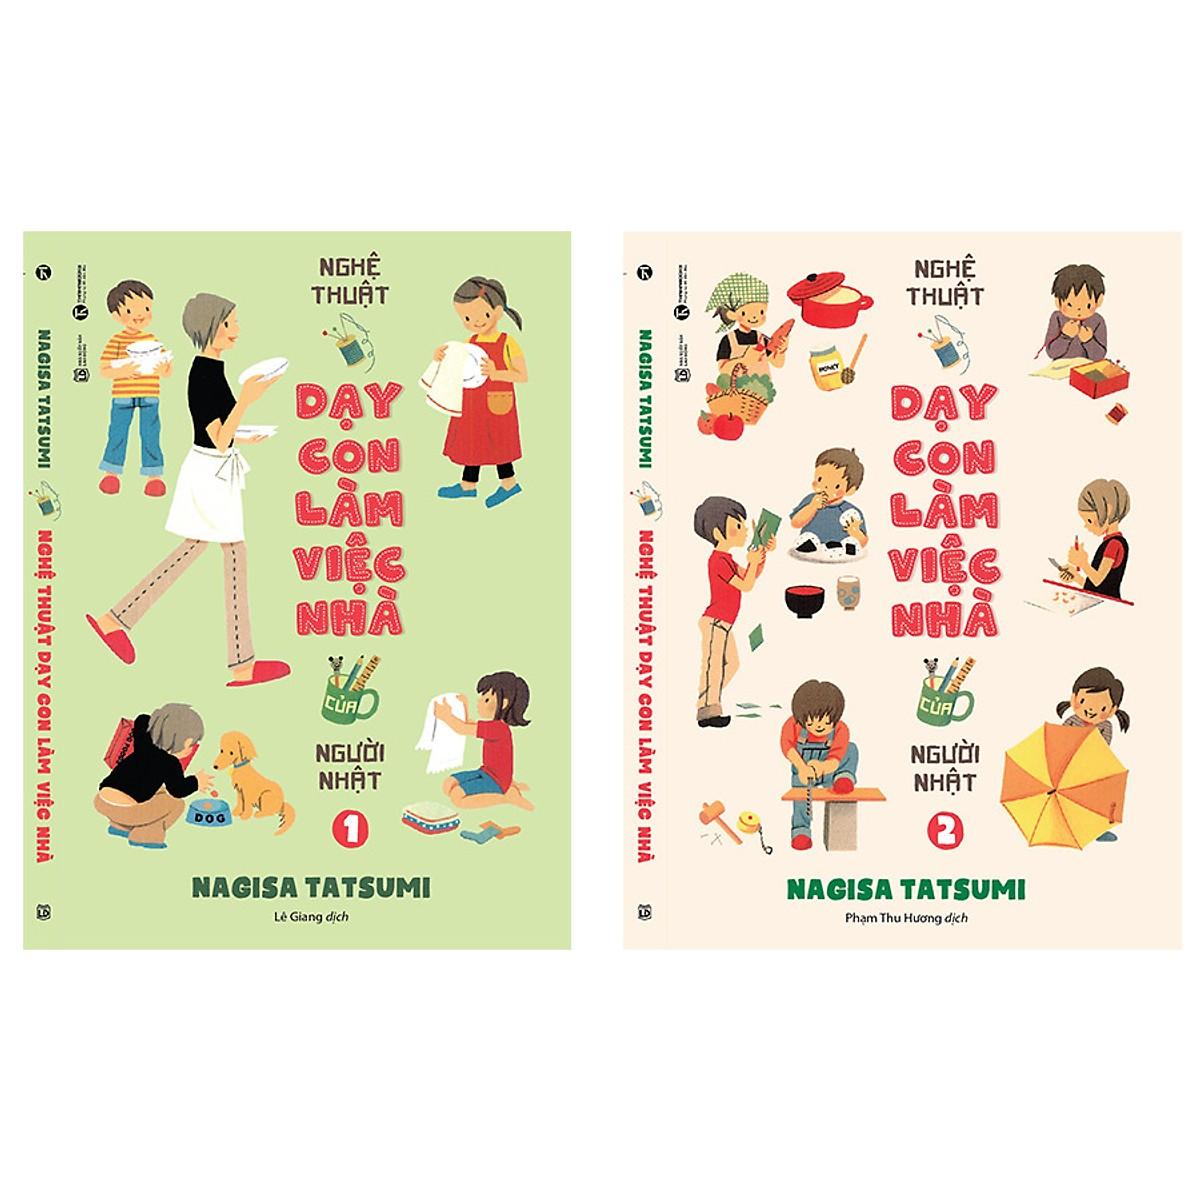 Nghệ thuật dạy con làm việc nhà của người Nhật (bộ 2 tập)